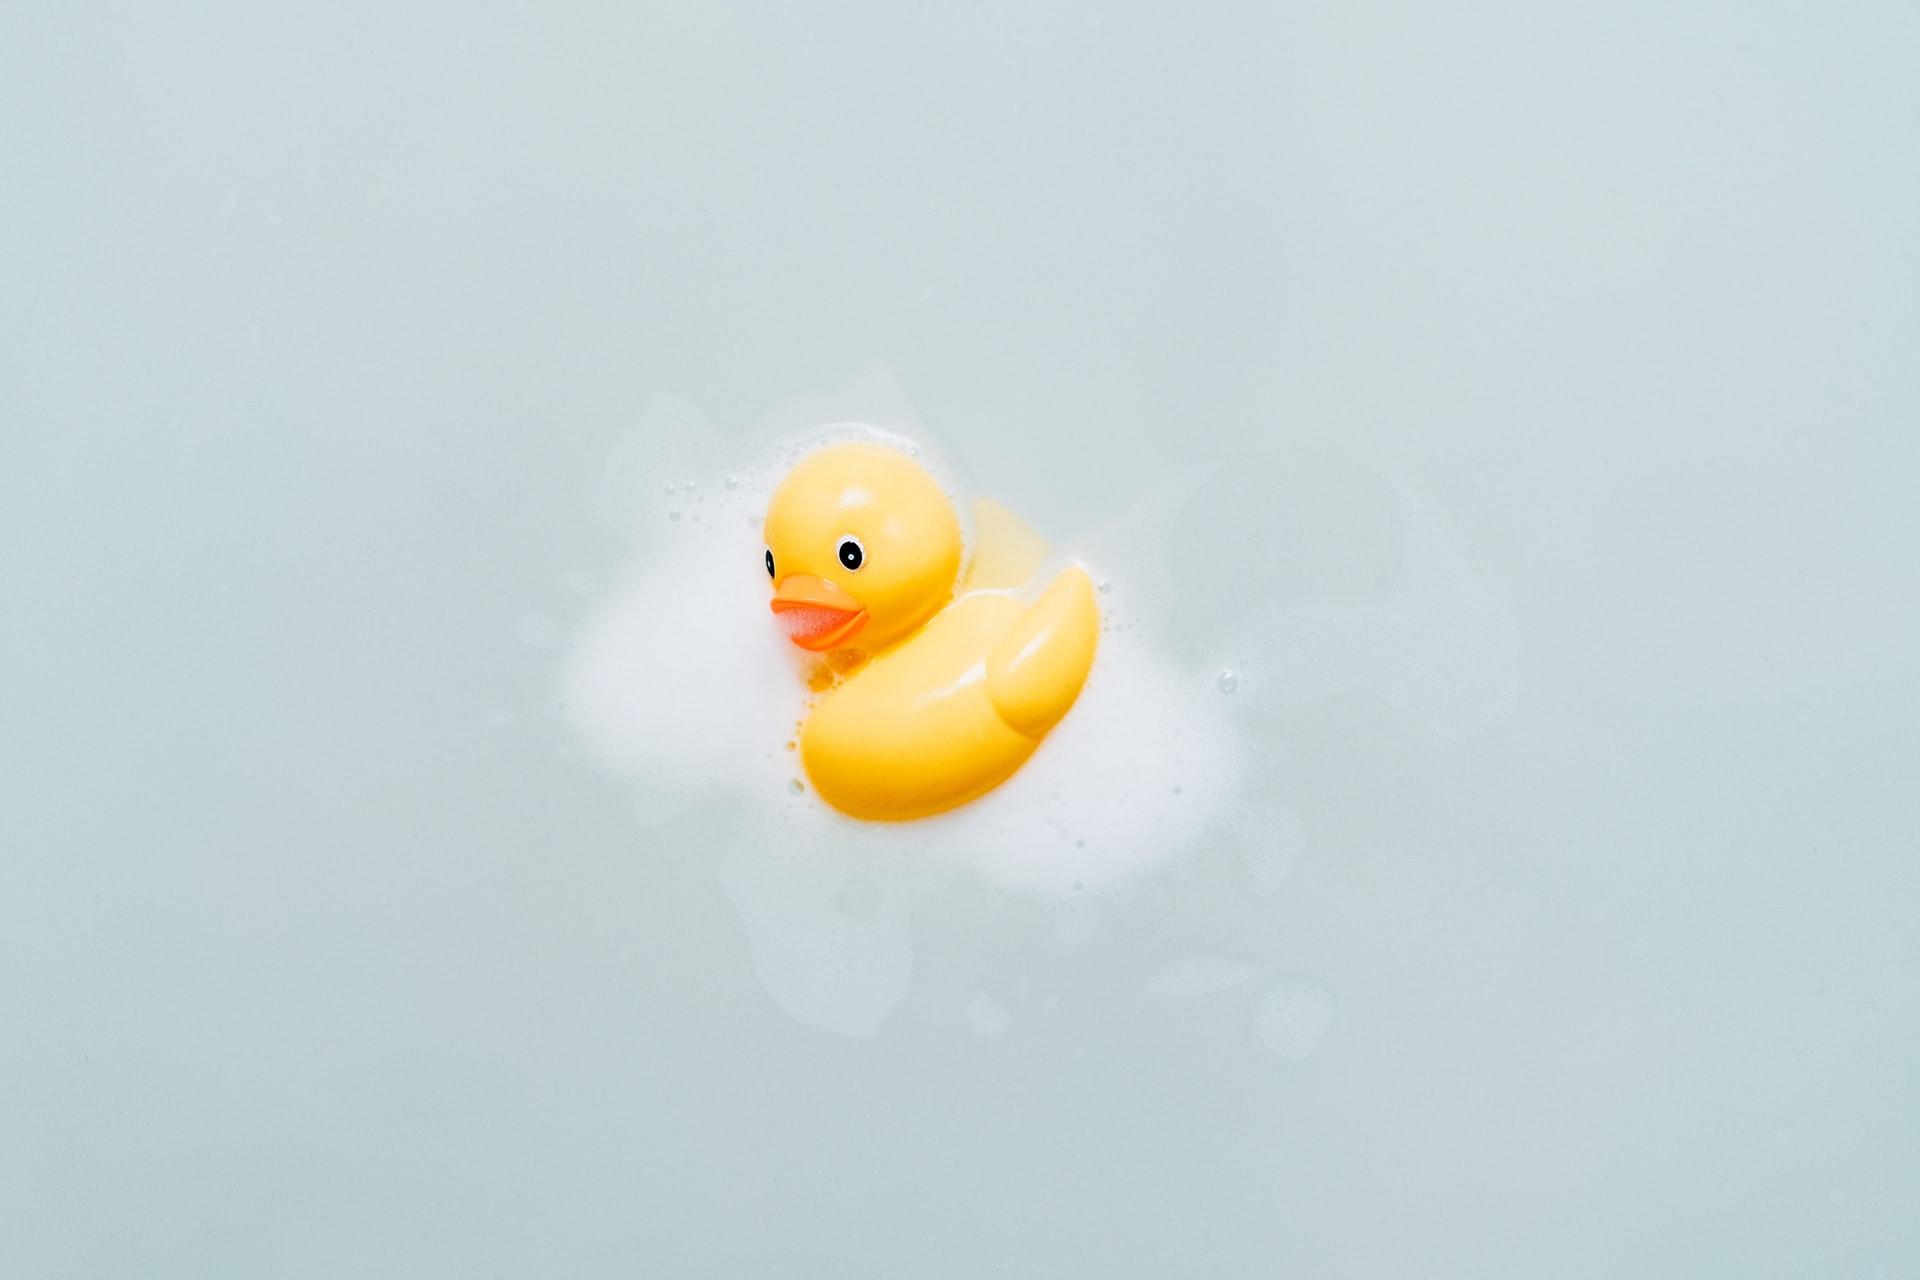 お風呂に浮かぶあひる